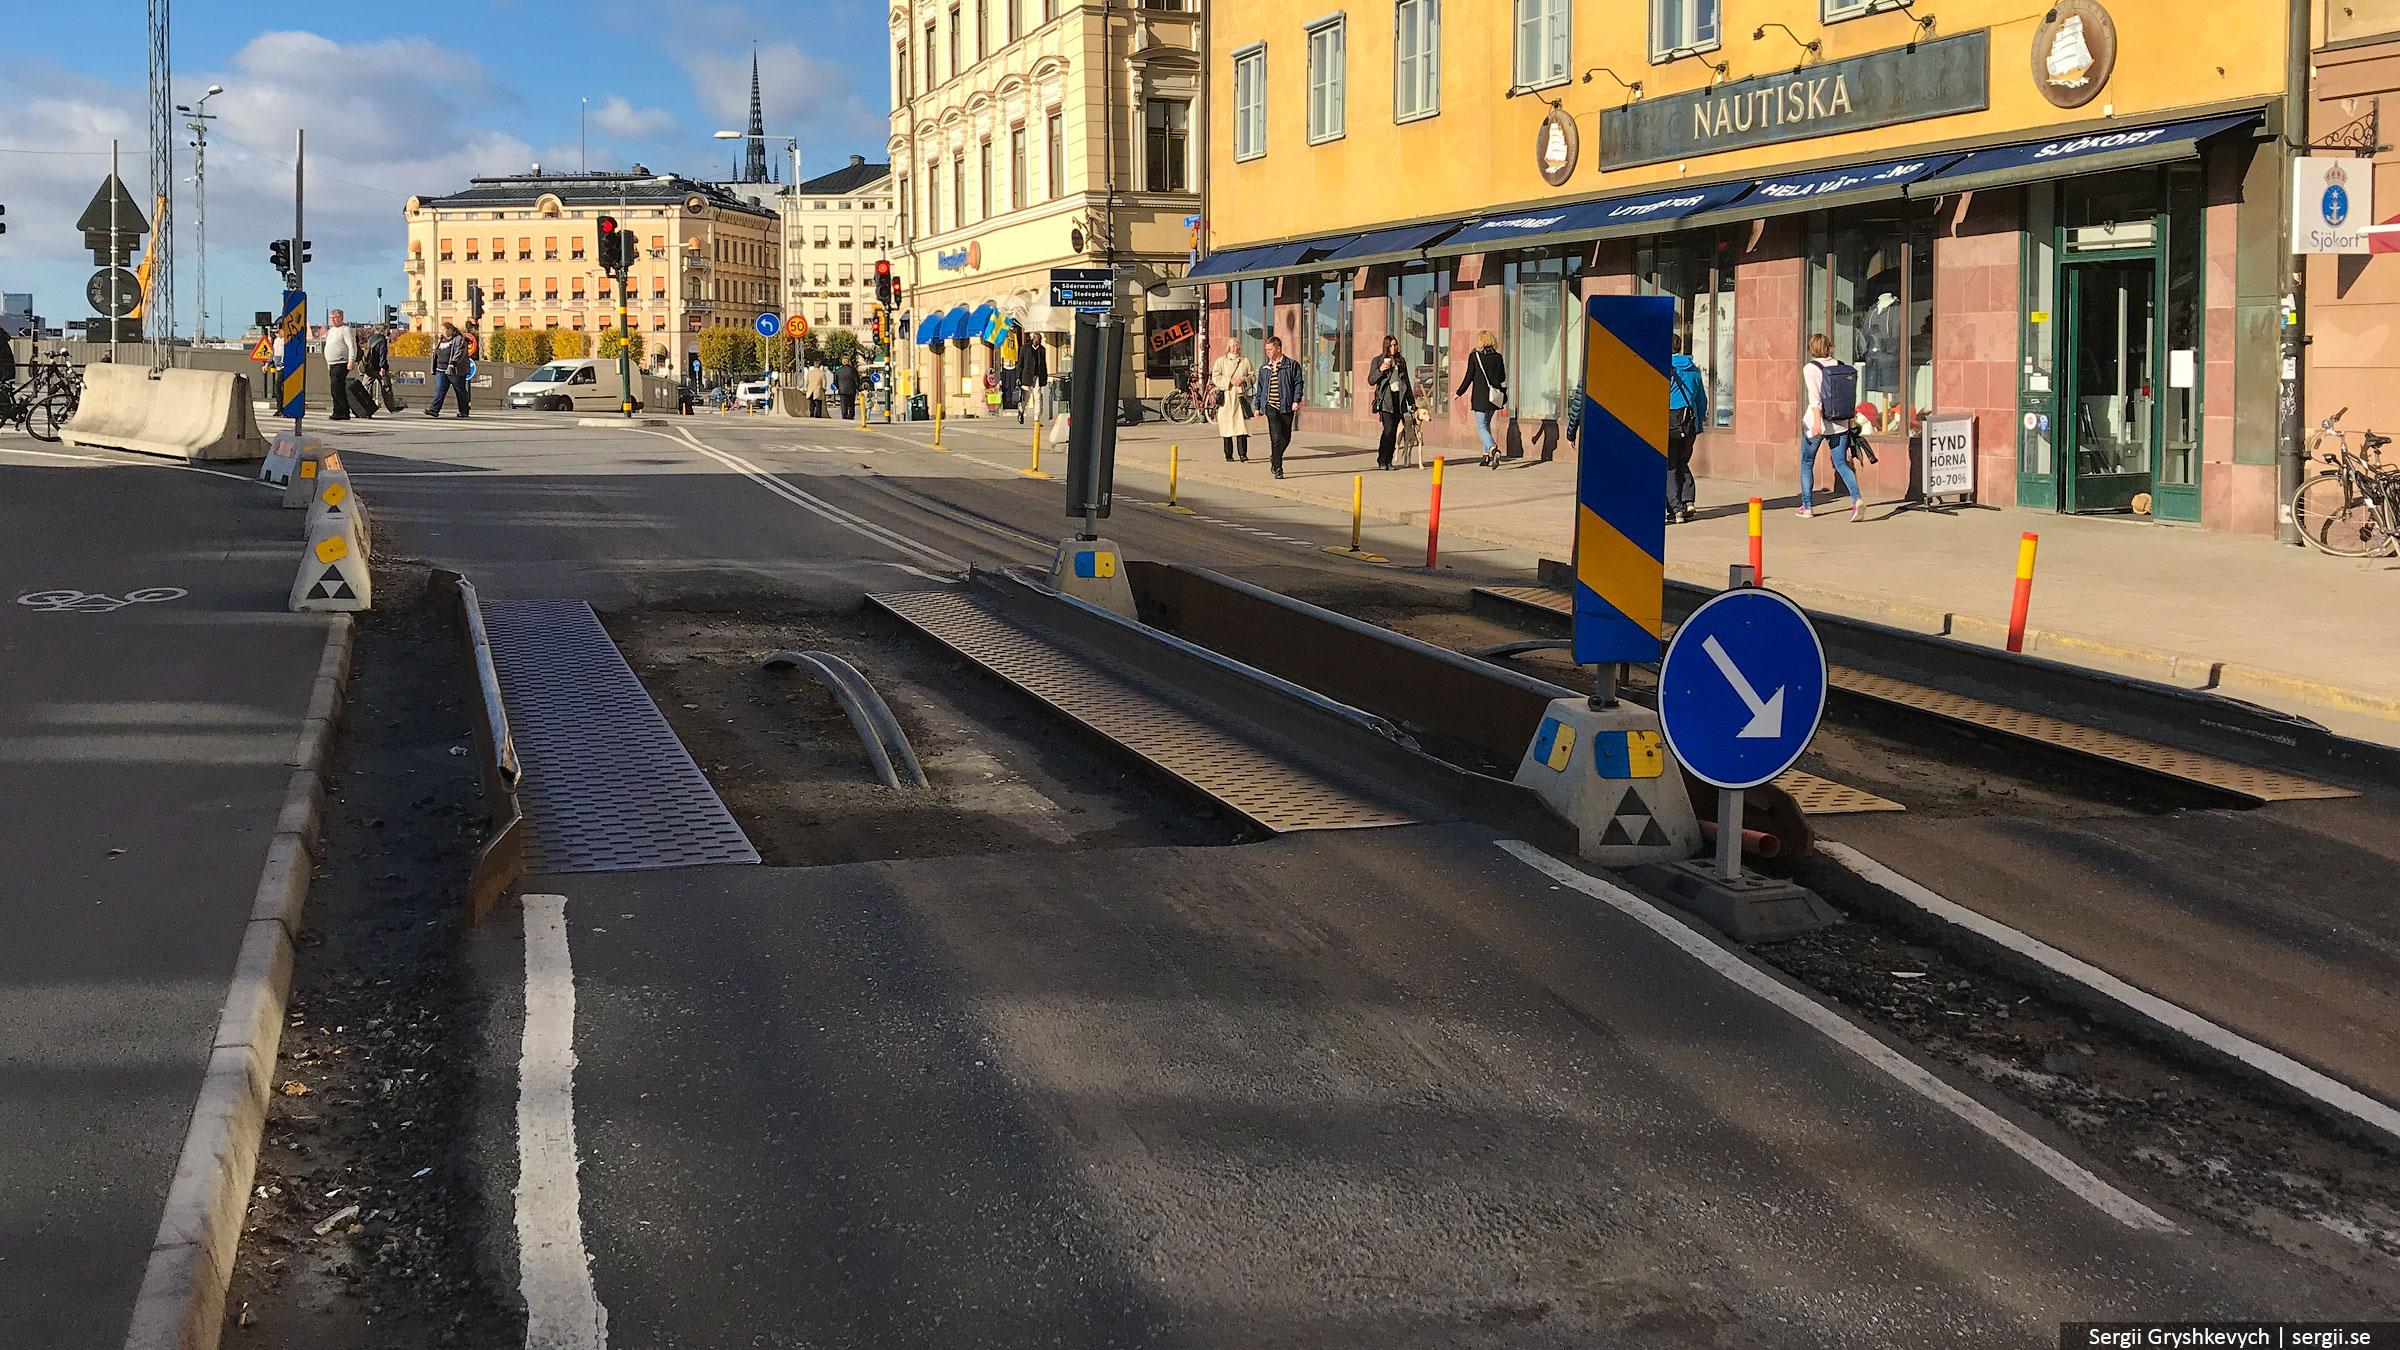 stockholm-sweden-solyanka-9-21